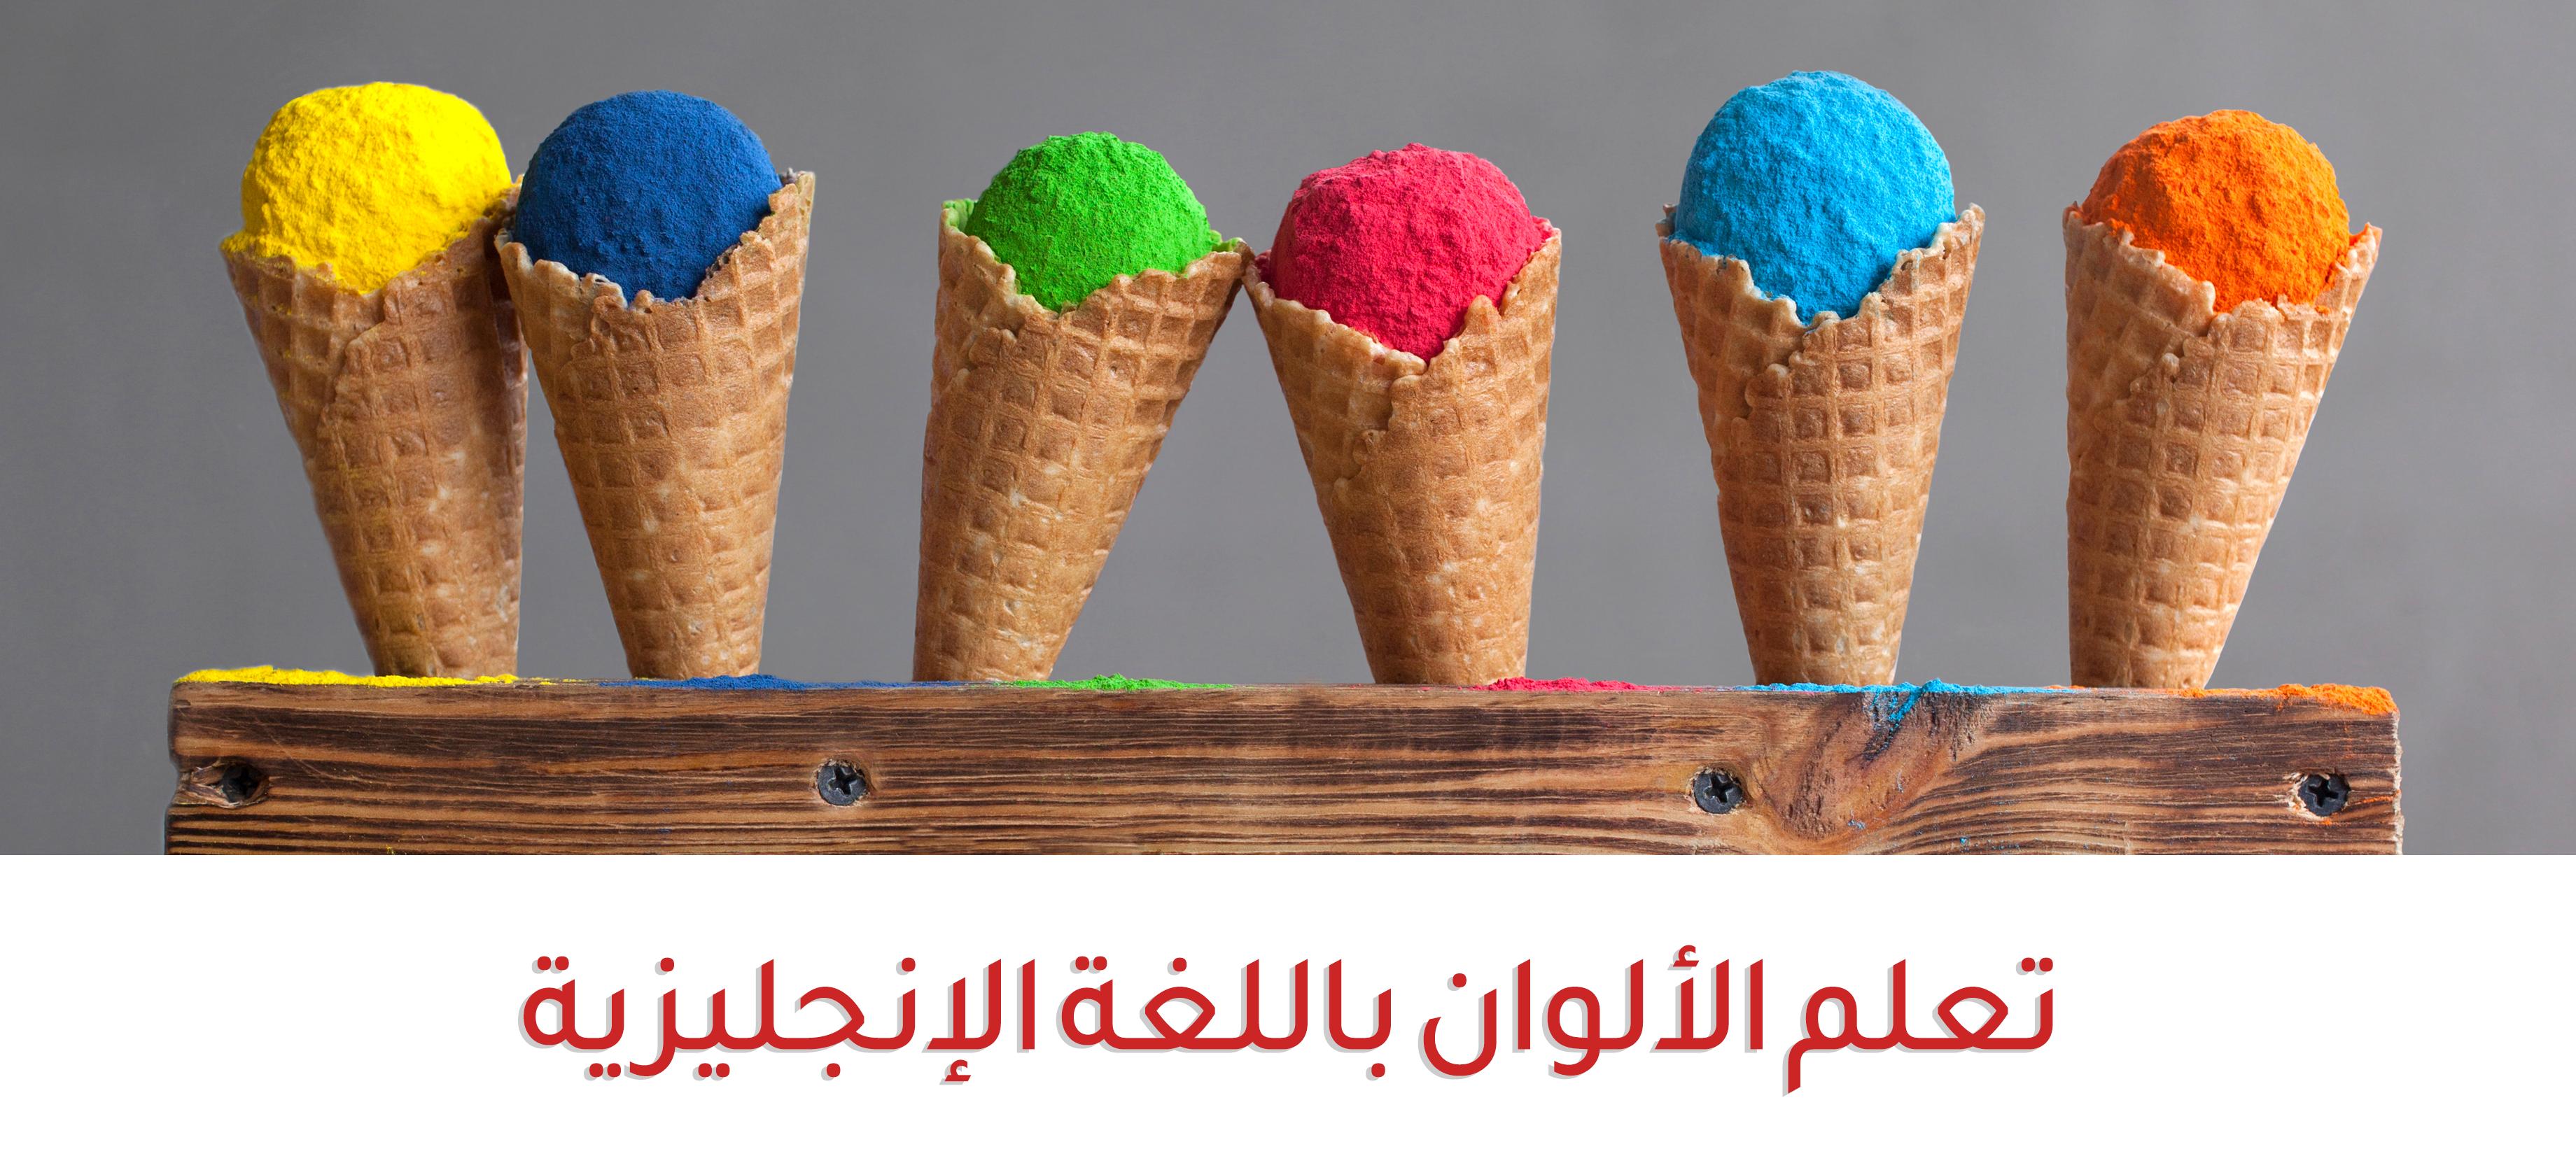 الألوان في اللغة الإنجليزية ببساطة مدونة كامبلي العربية Cambly Arabic Blog